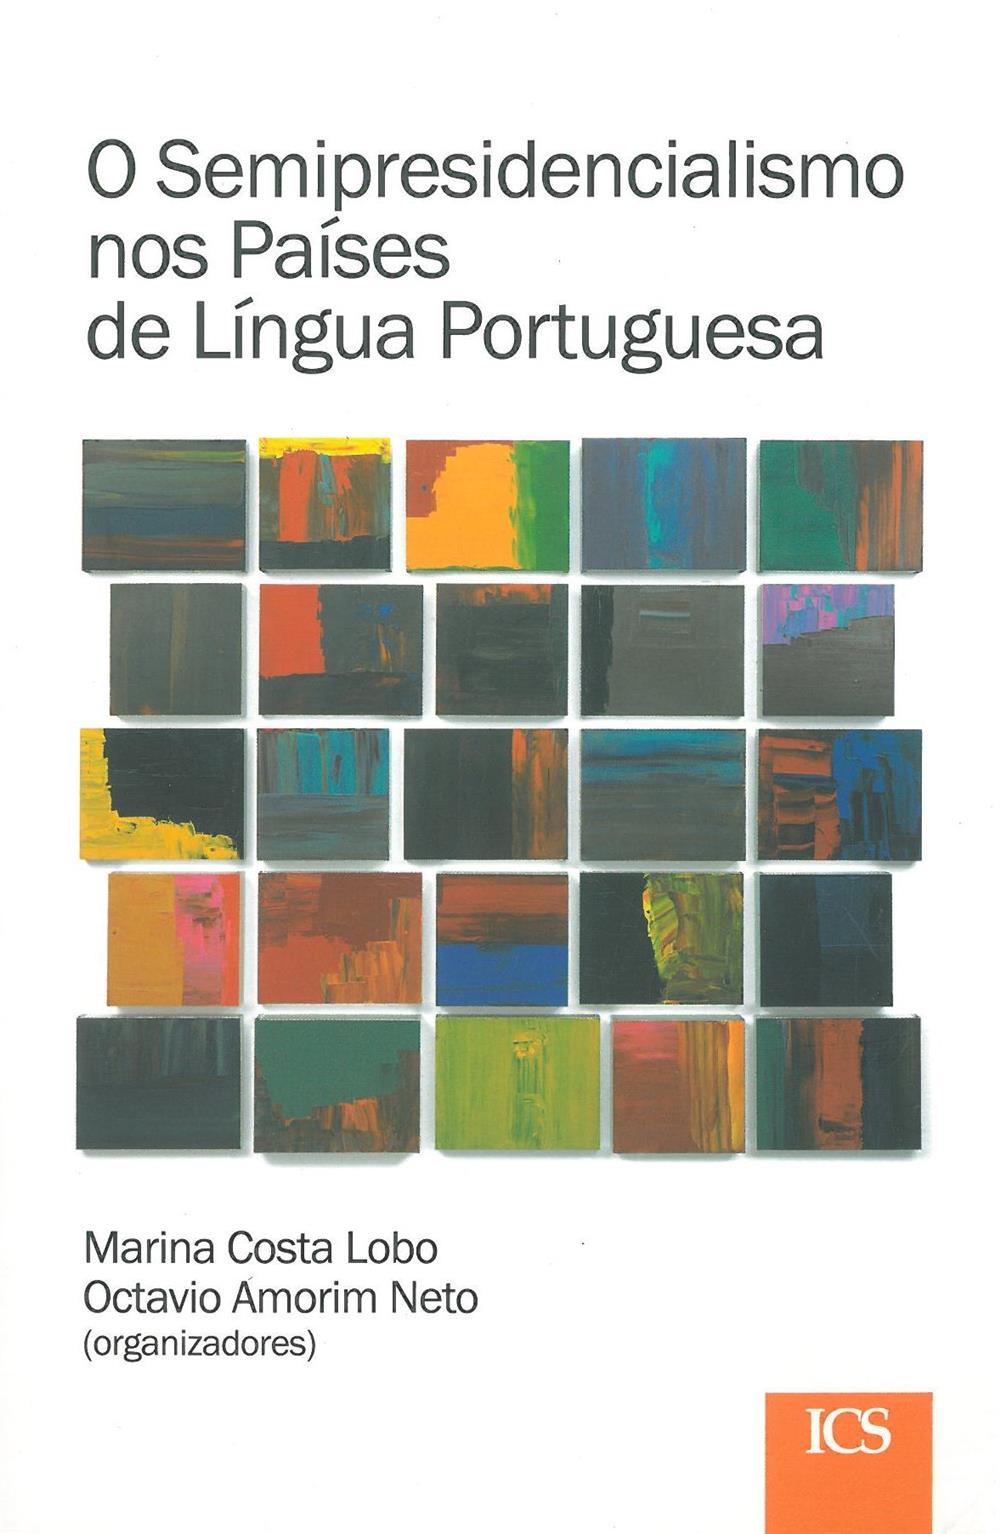 O semipresidencialismo nos países de língua portuguesa.jpg